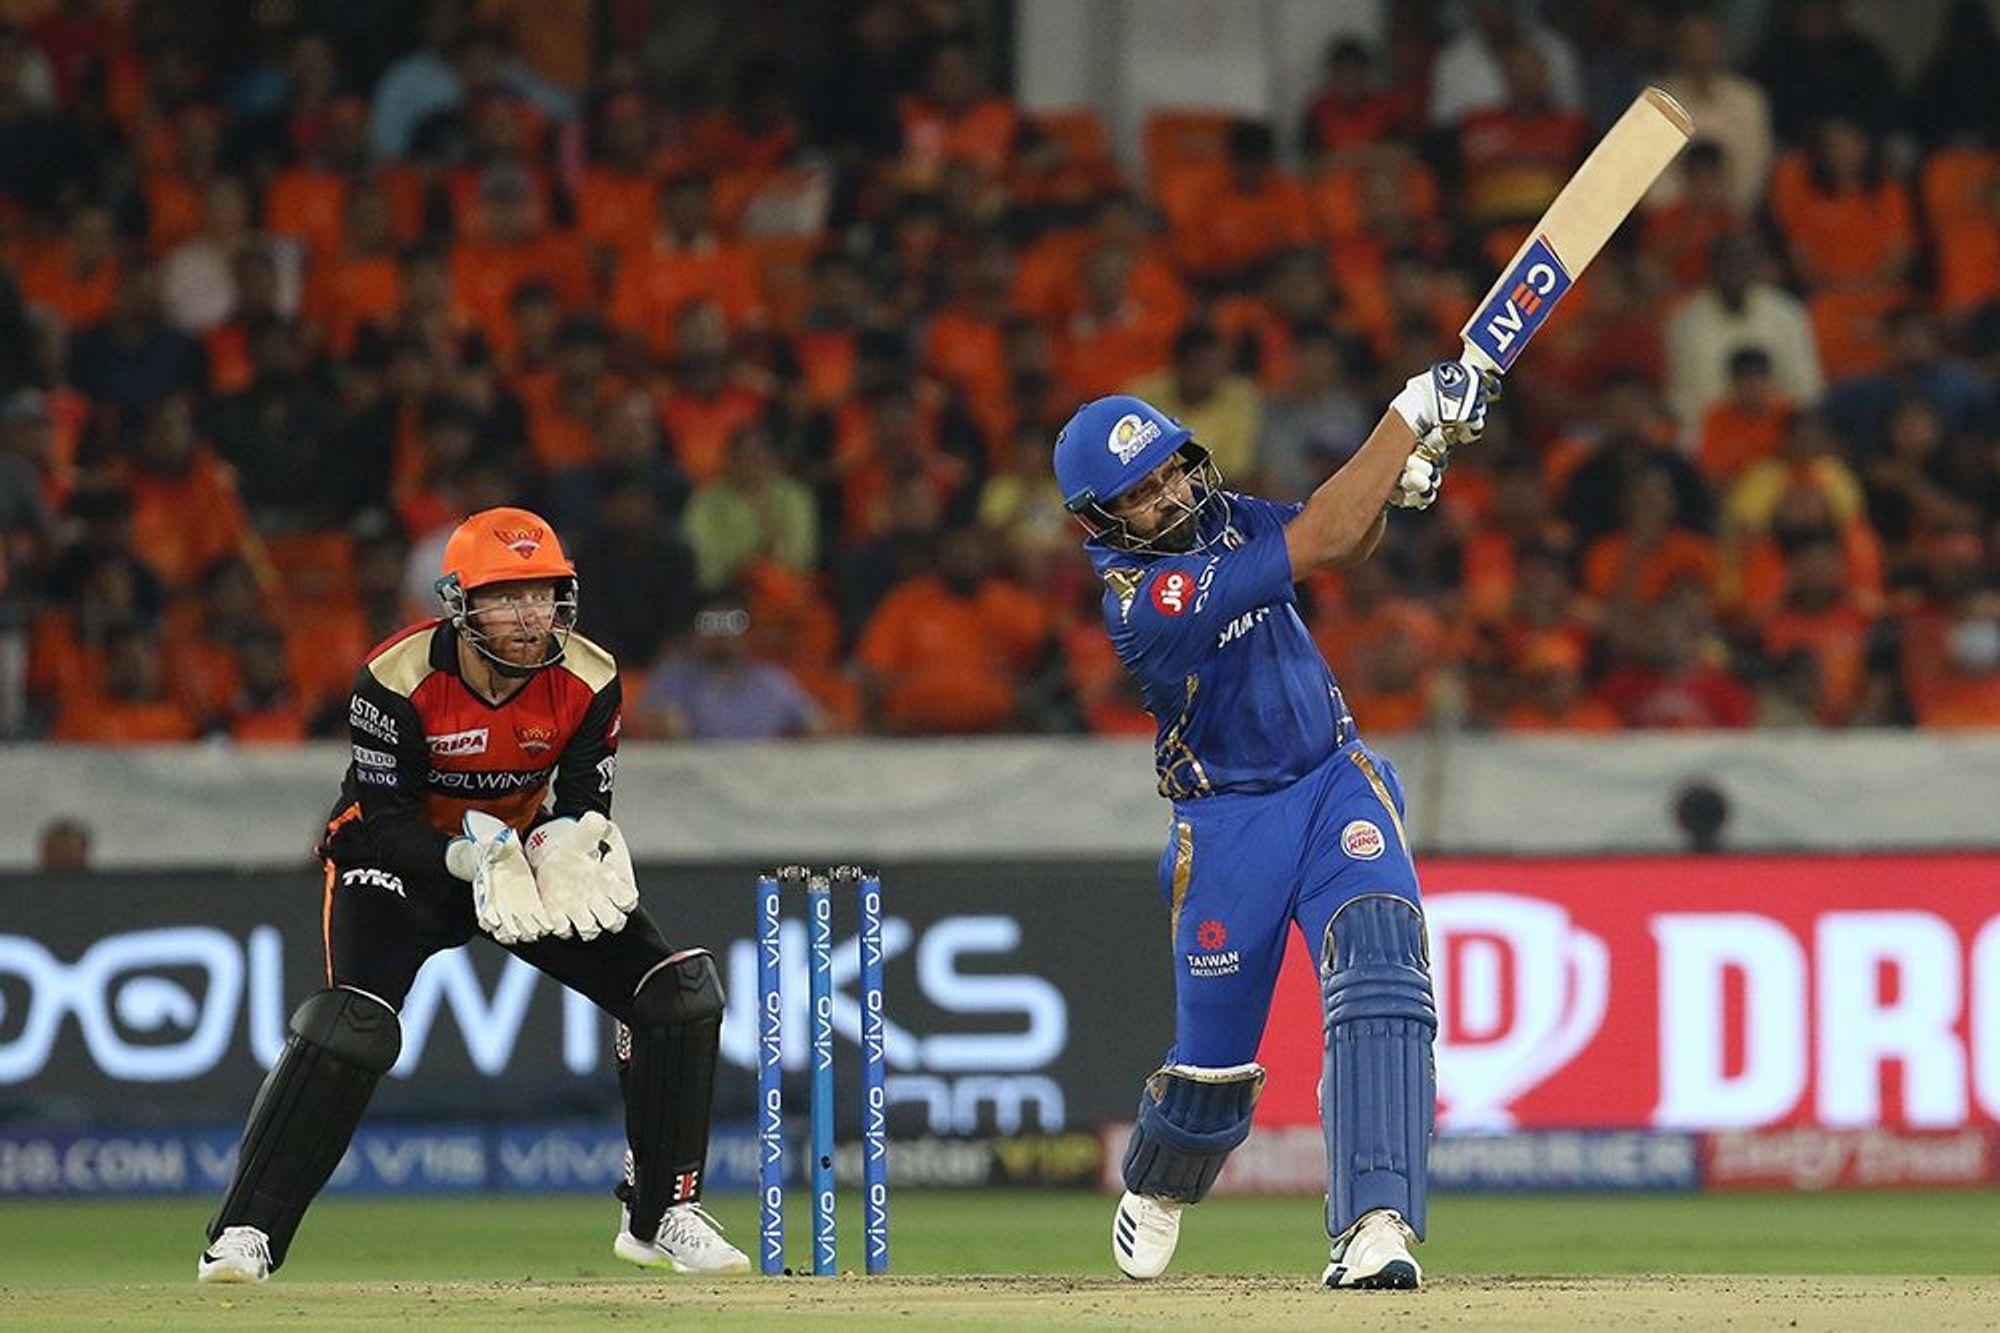 IPL 2019: रोहित शर्मा नहीं तोड़ सके सुरेश रैना का ऐतिहासिक रिकॉर्ड, अब लंबे समय तक कायम रहेगा रैना का ये रिकॉर्ड 5